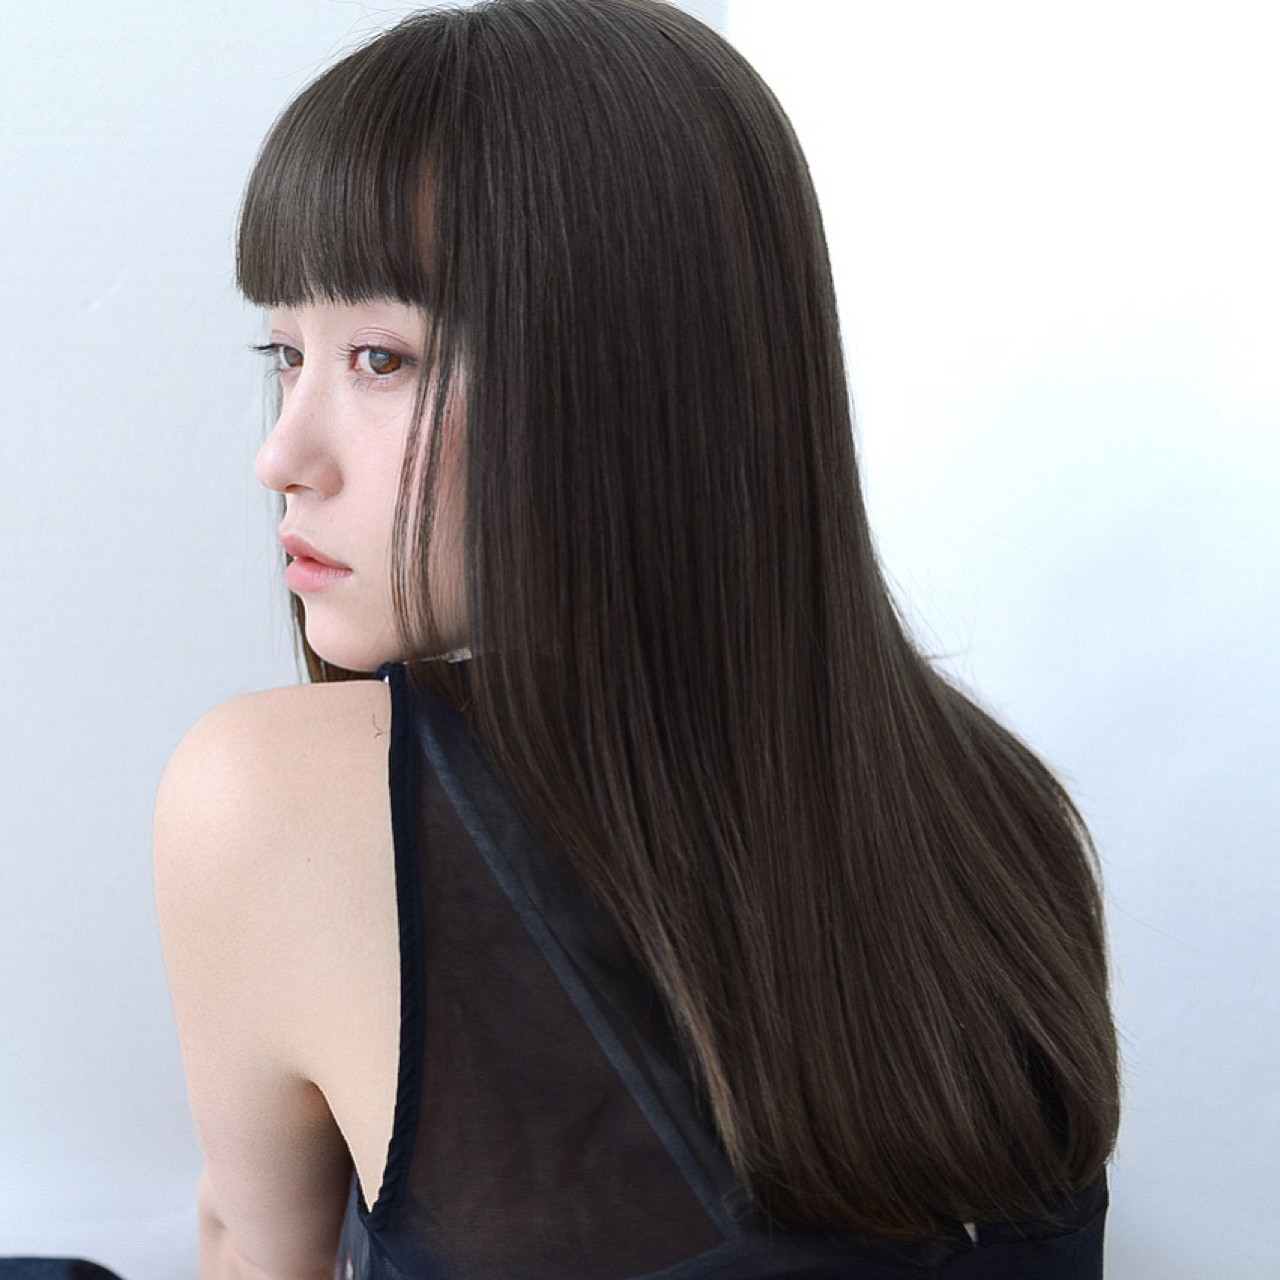 抜け感 グレージュ ナチュラル セミロング ヘアスタイルや髪型の写真・画像